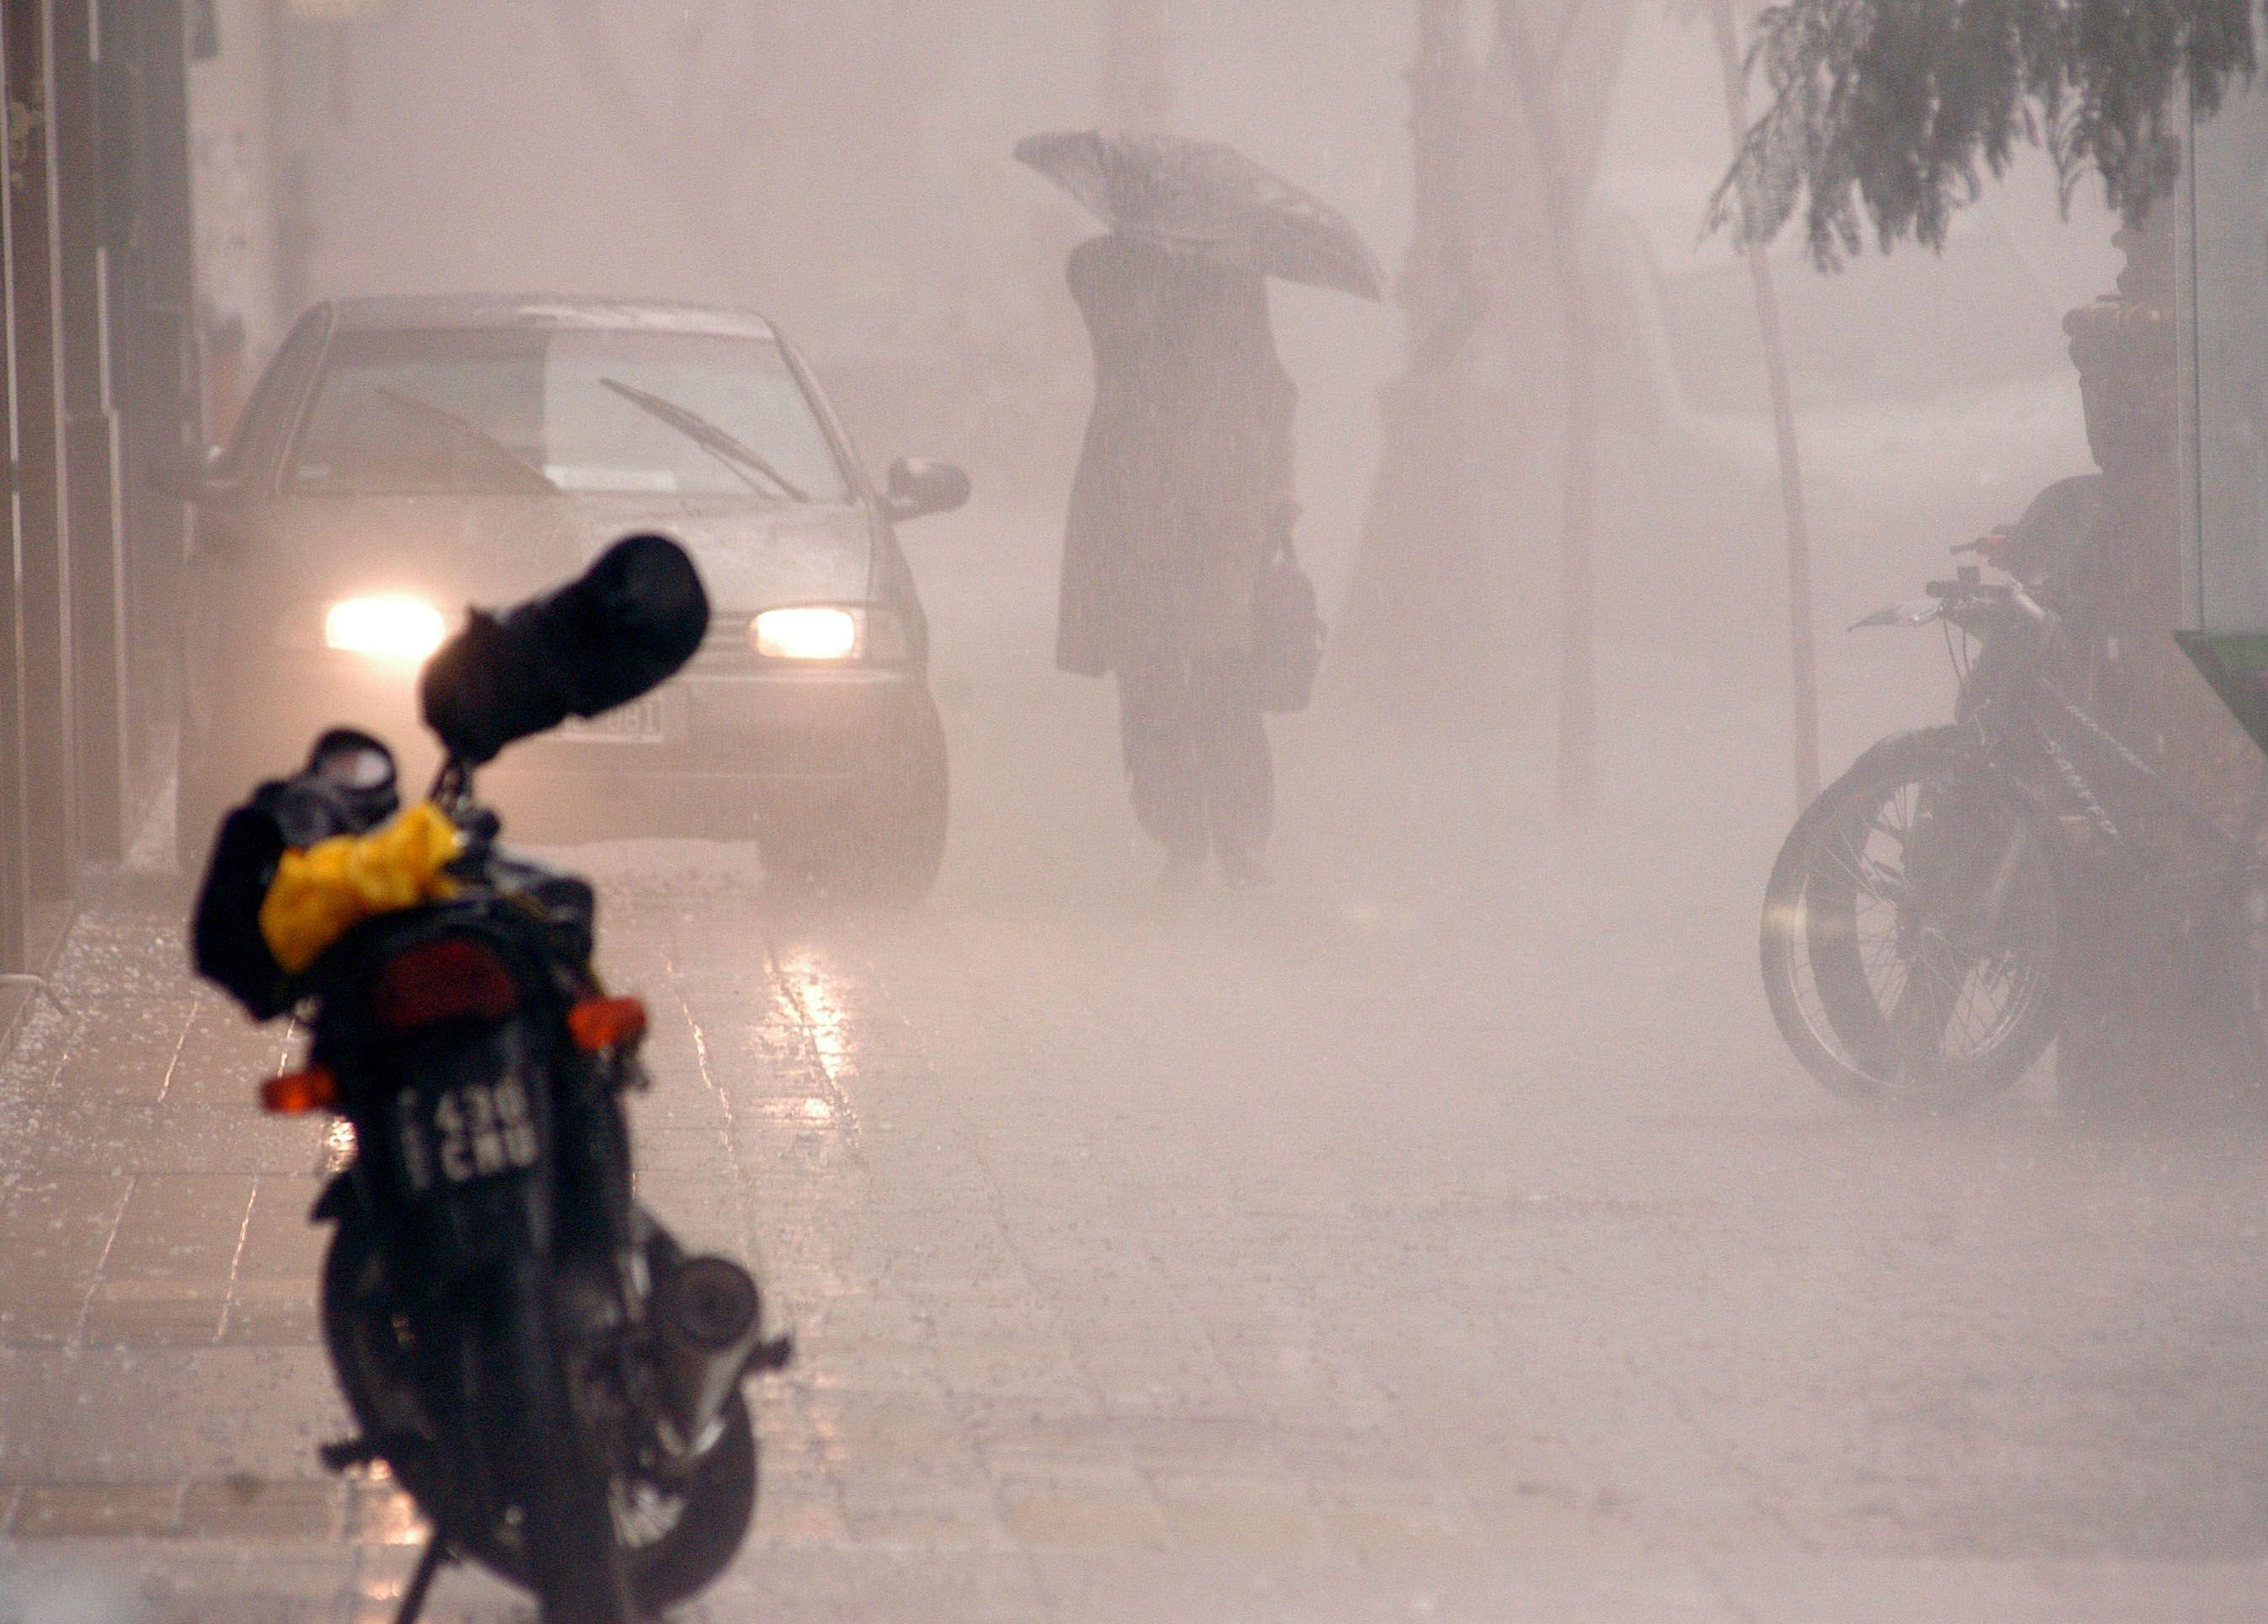 A guardar el auto: advierten por tormentas fuertes y ocasional caída de granizo